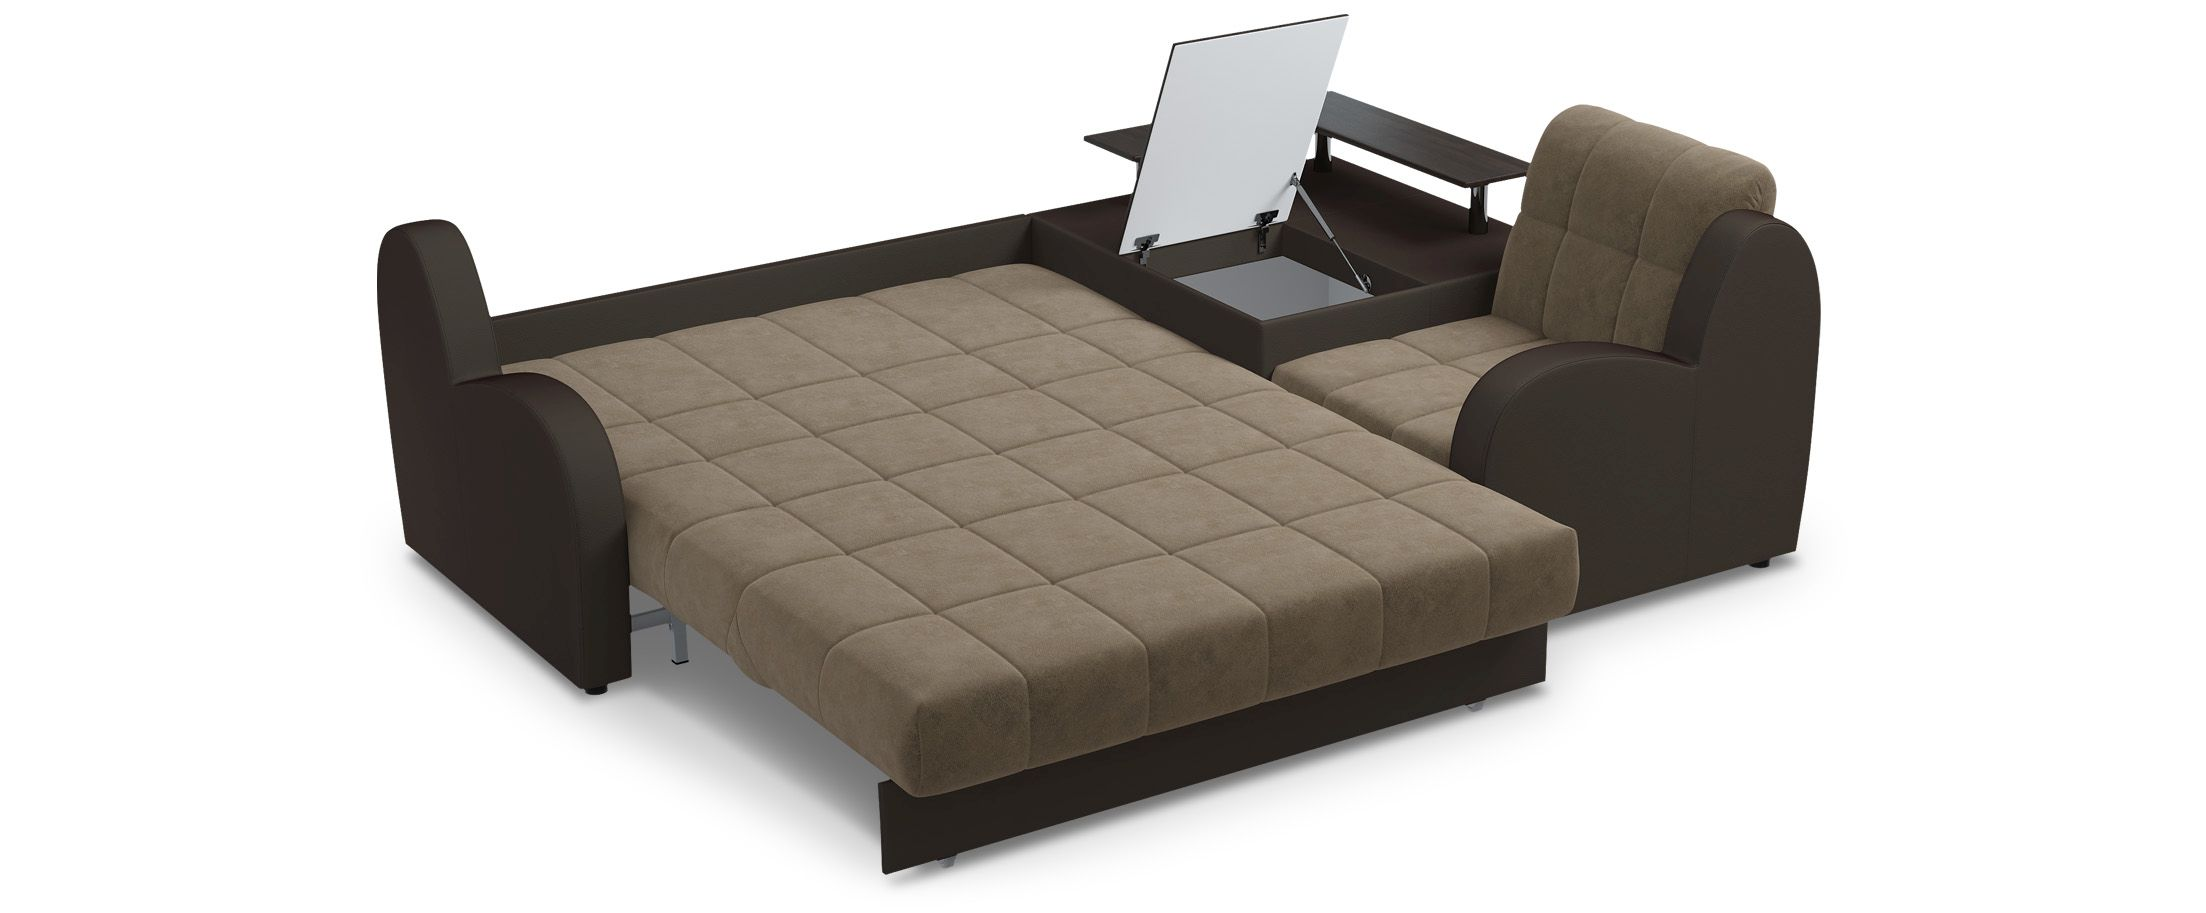 Купить диван барон Москва с доставкой